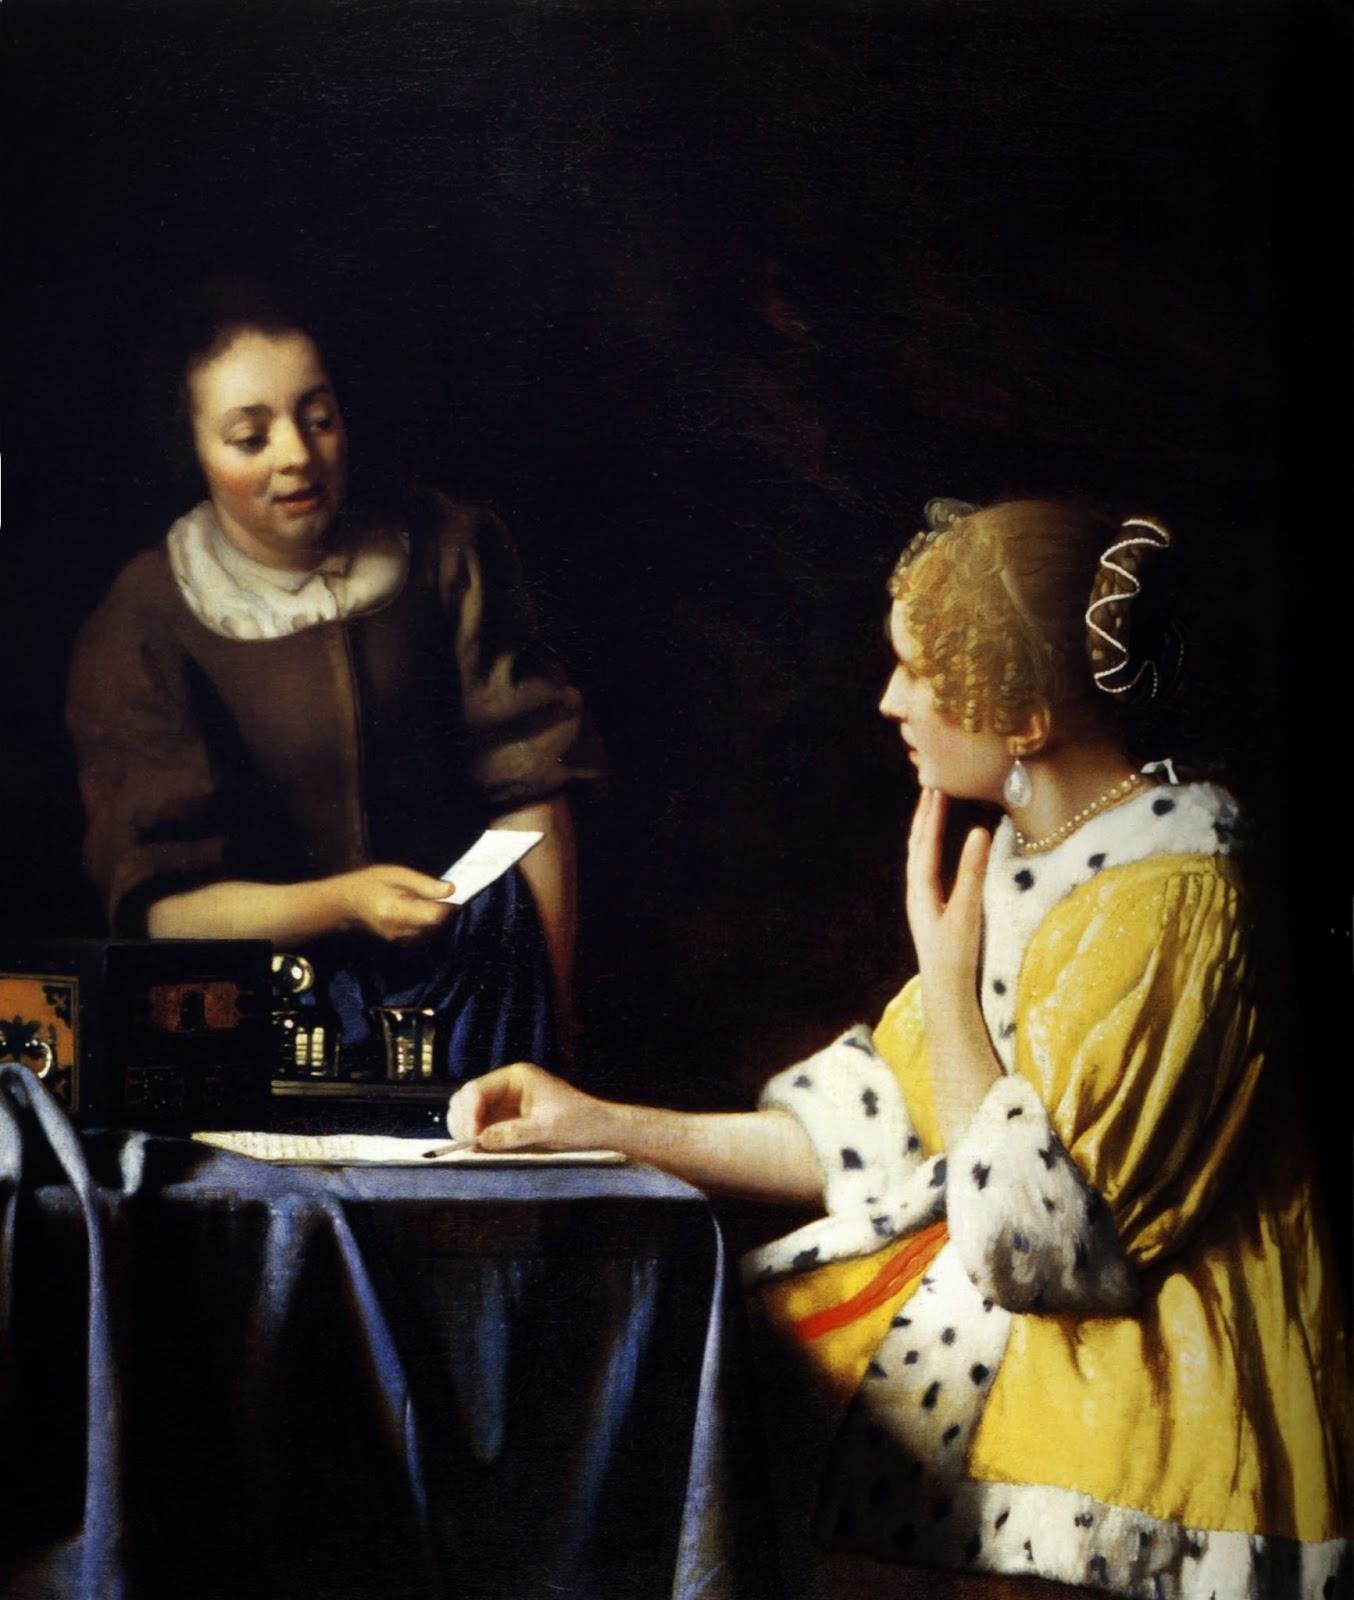 Senhora e Empregada Domestica - Vermeer, Jan e suas principais pinturas